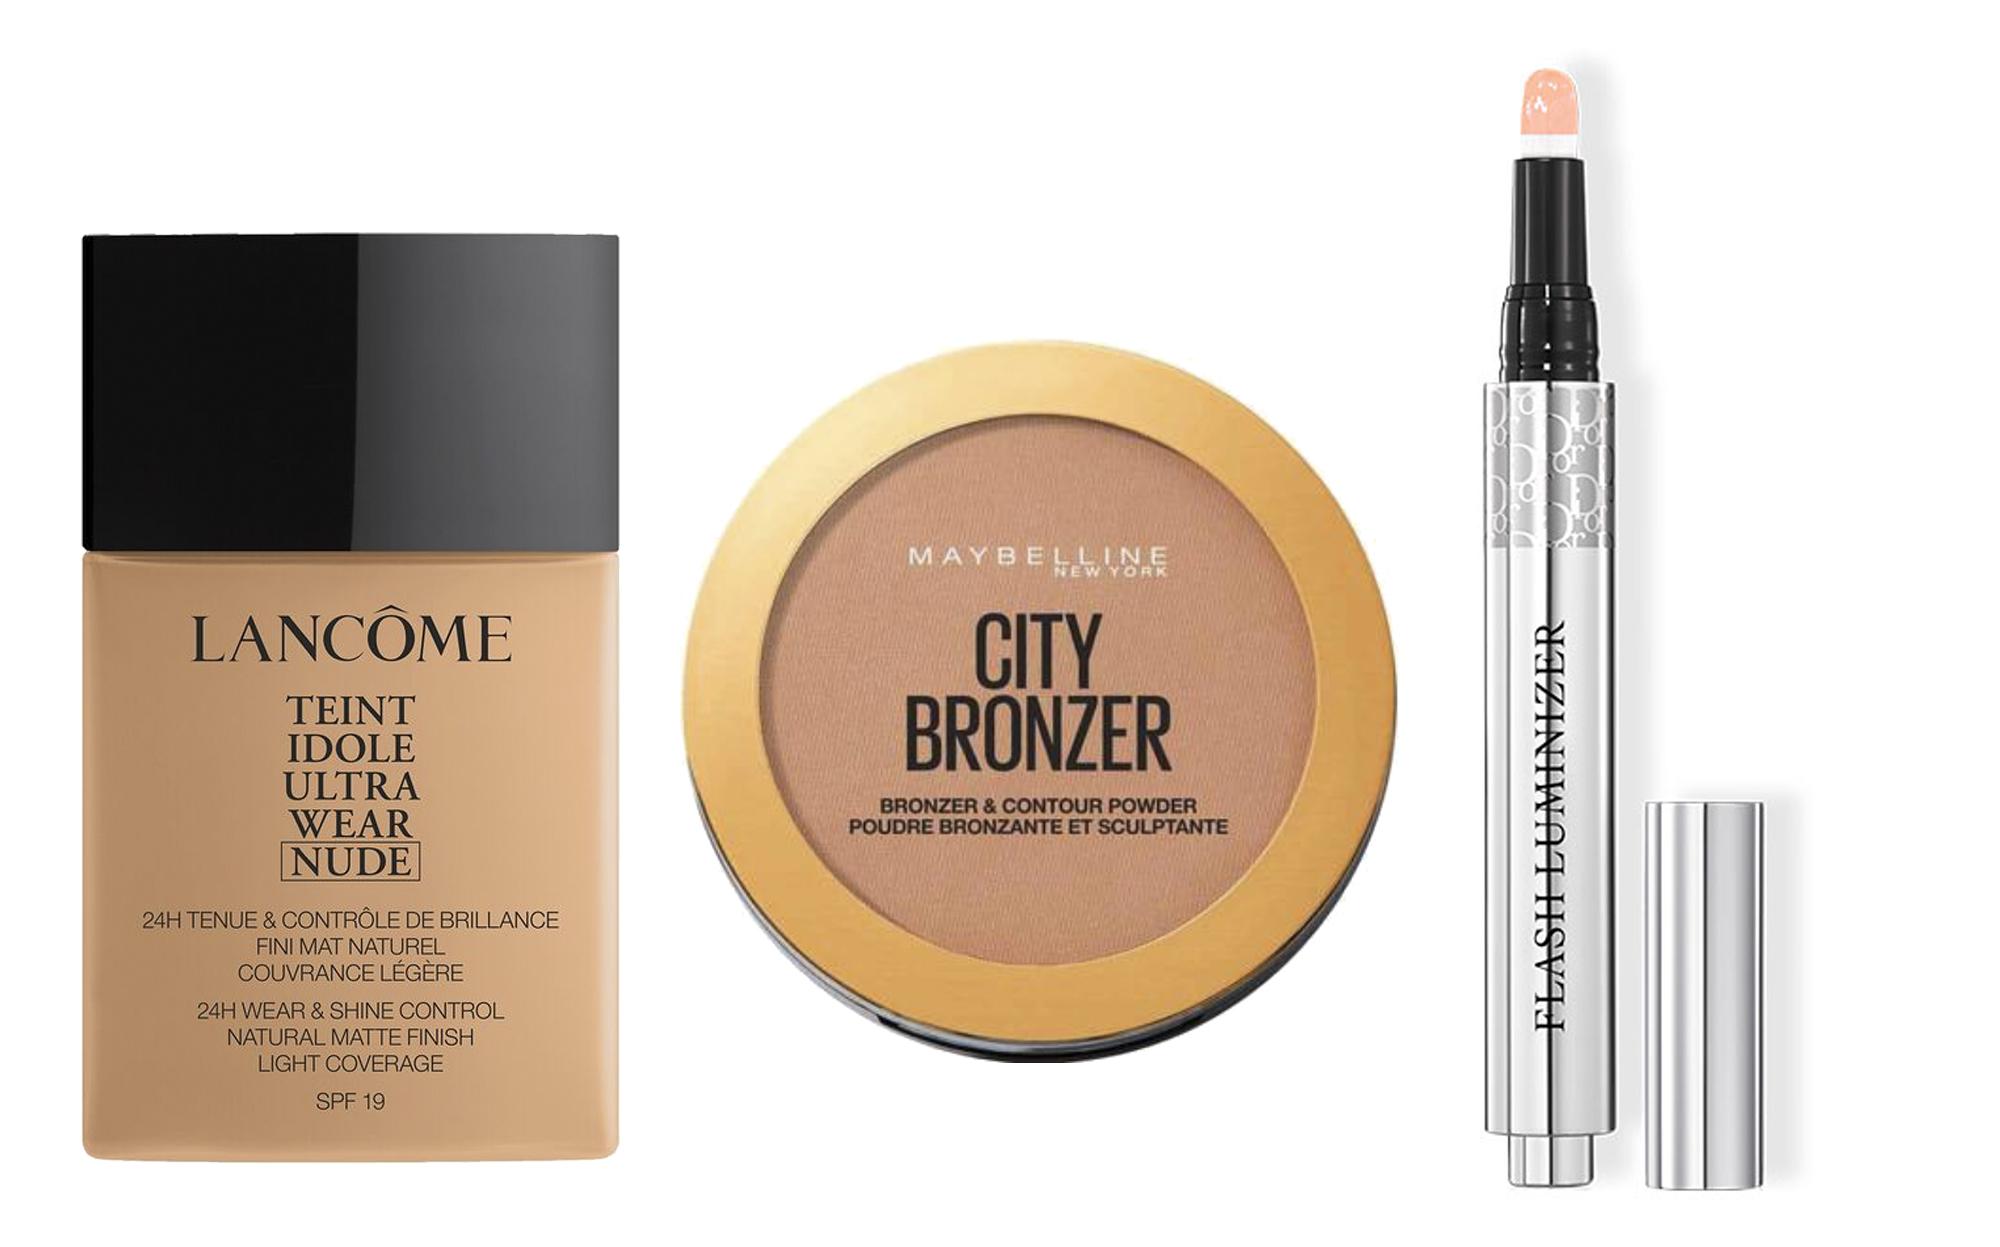 Productos de maquillaje/Foto: cortesía marcas.